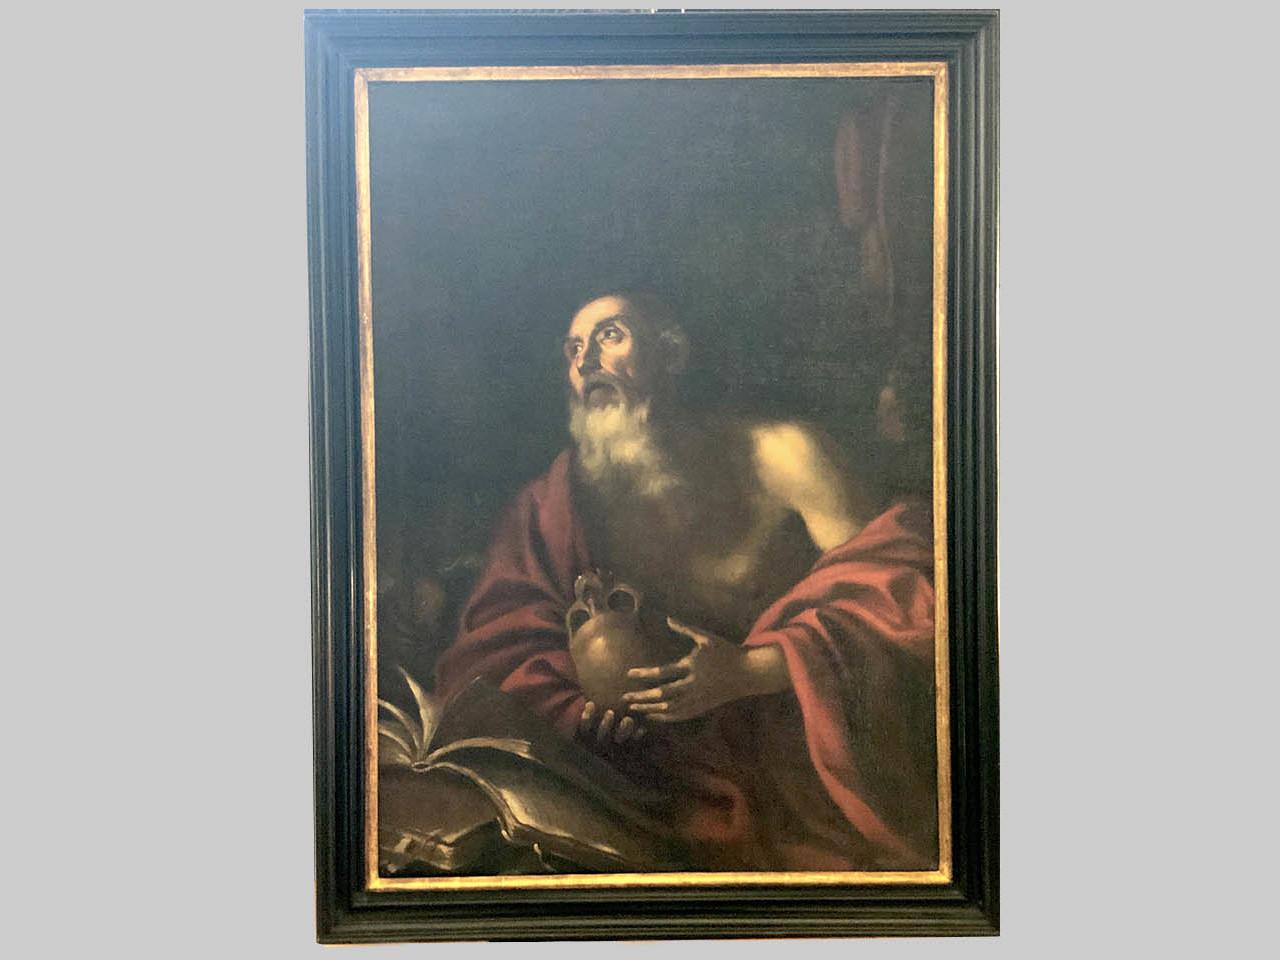 Dipinto raffigurante San Girolamo